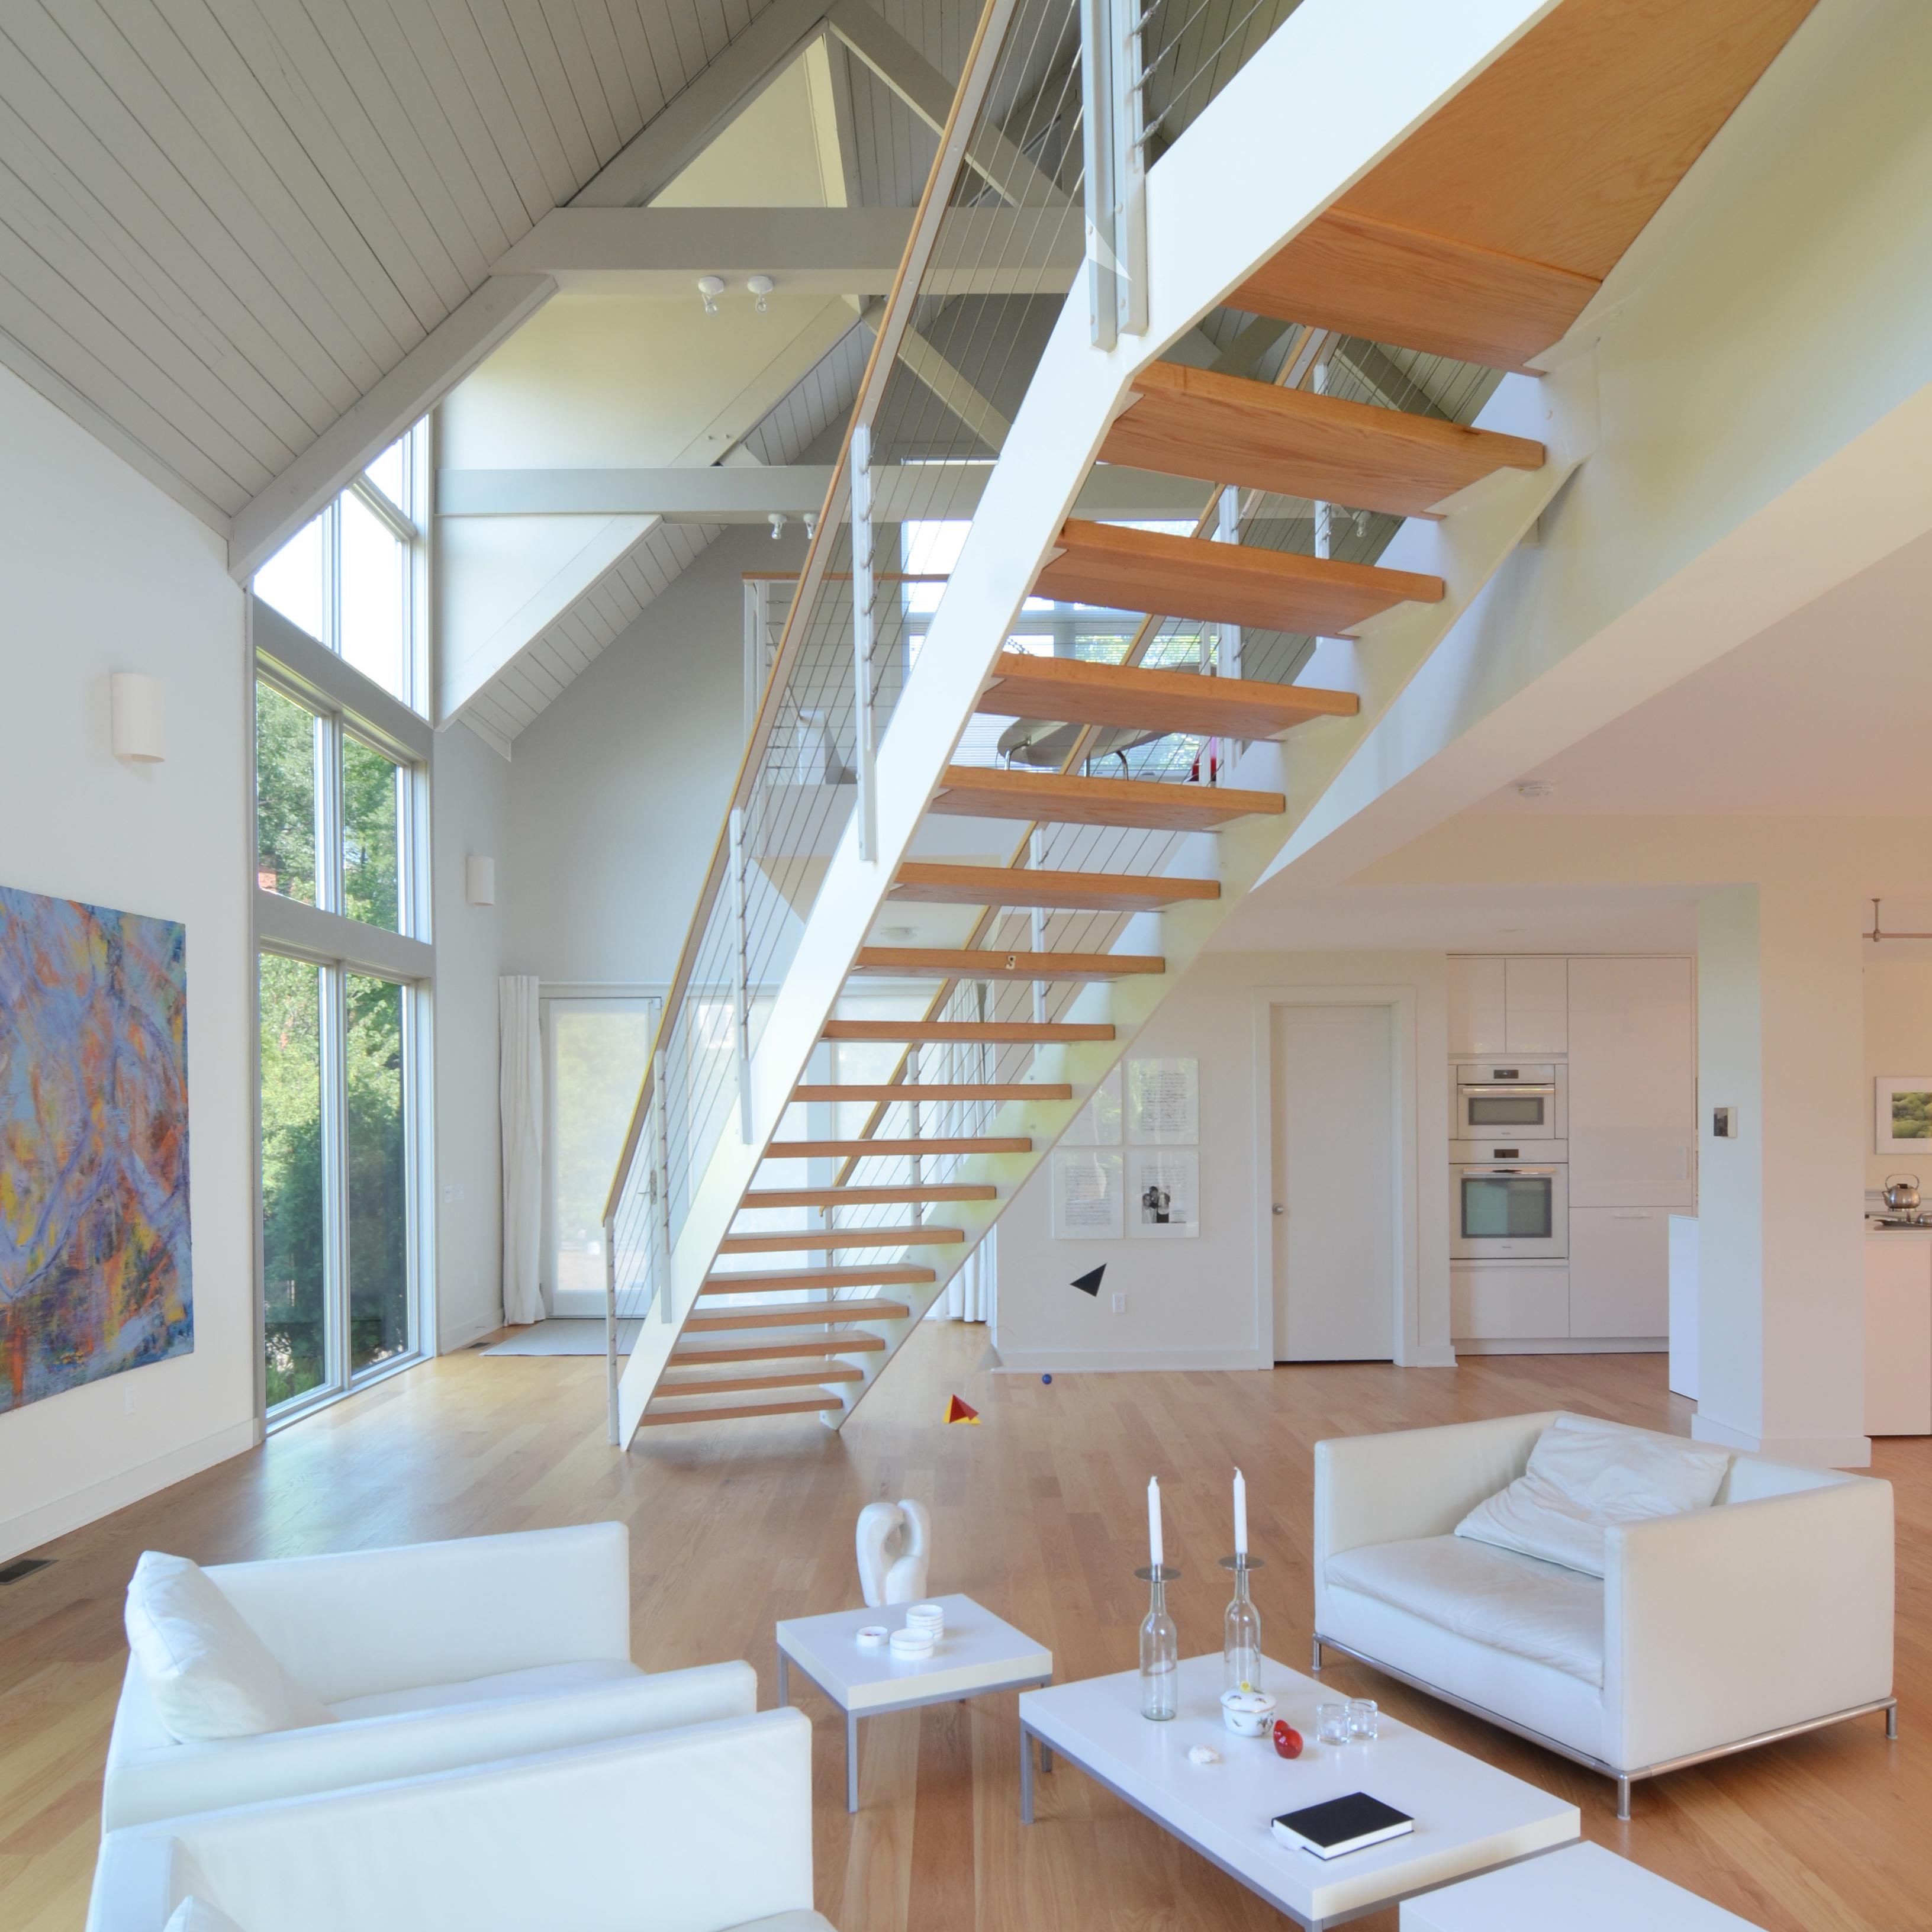 Kite_1021-Prospect Street Residence-Interior-Living